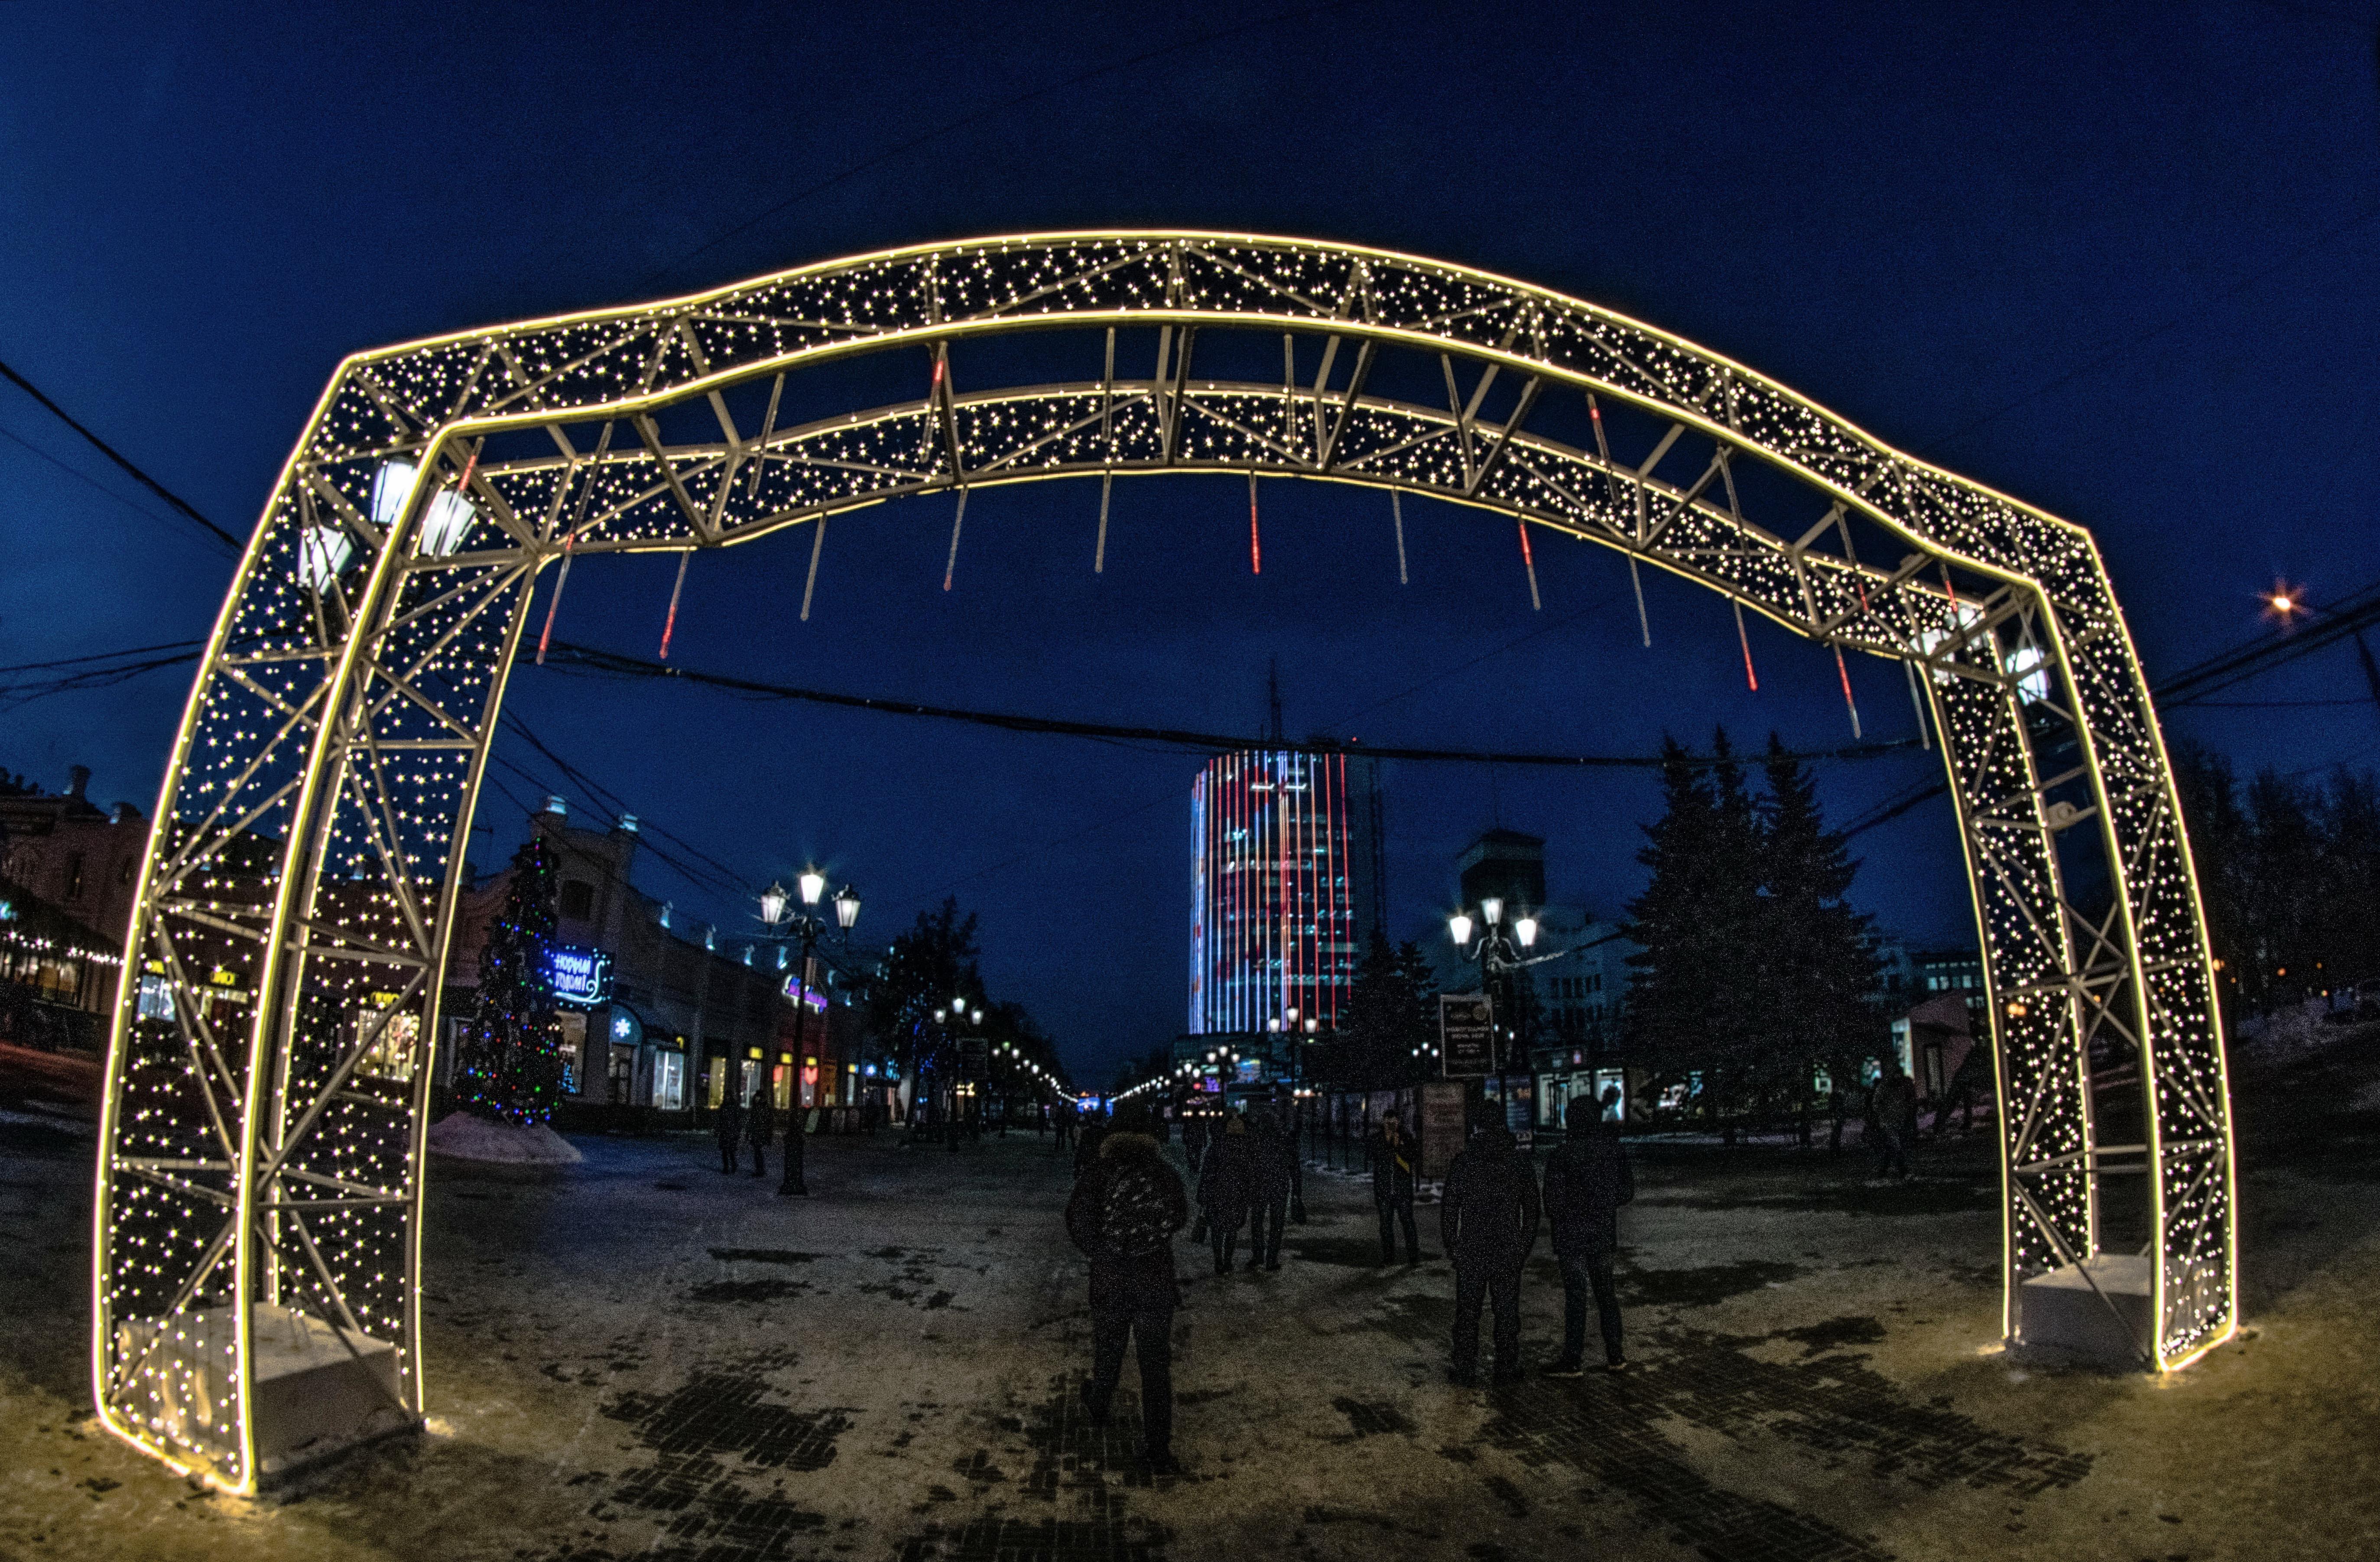 Челябинск, праздничная иллюминация ул. Кирова, пешеходная часть_8415